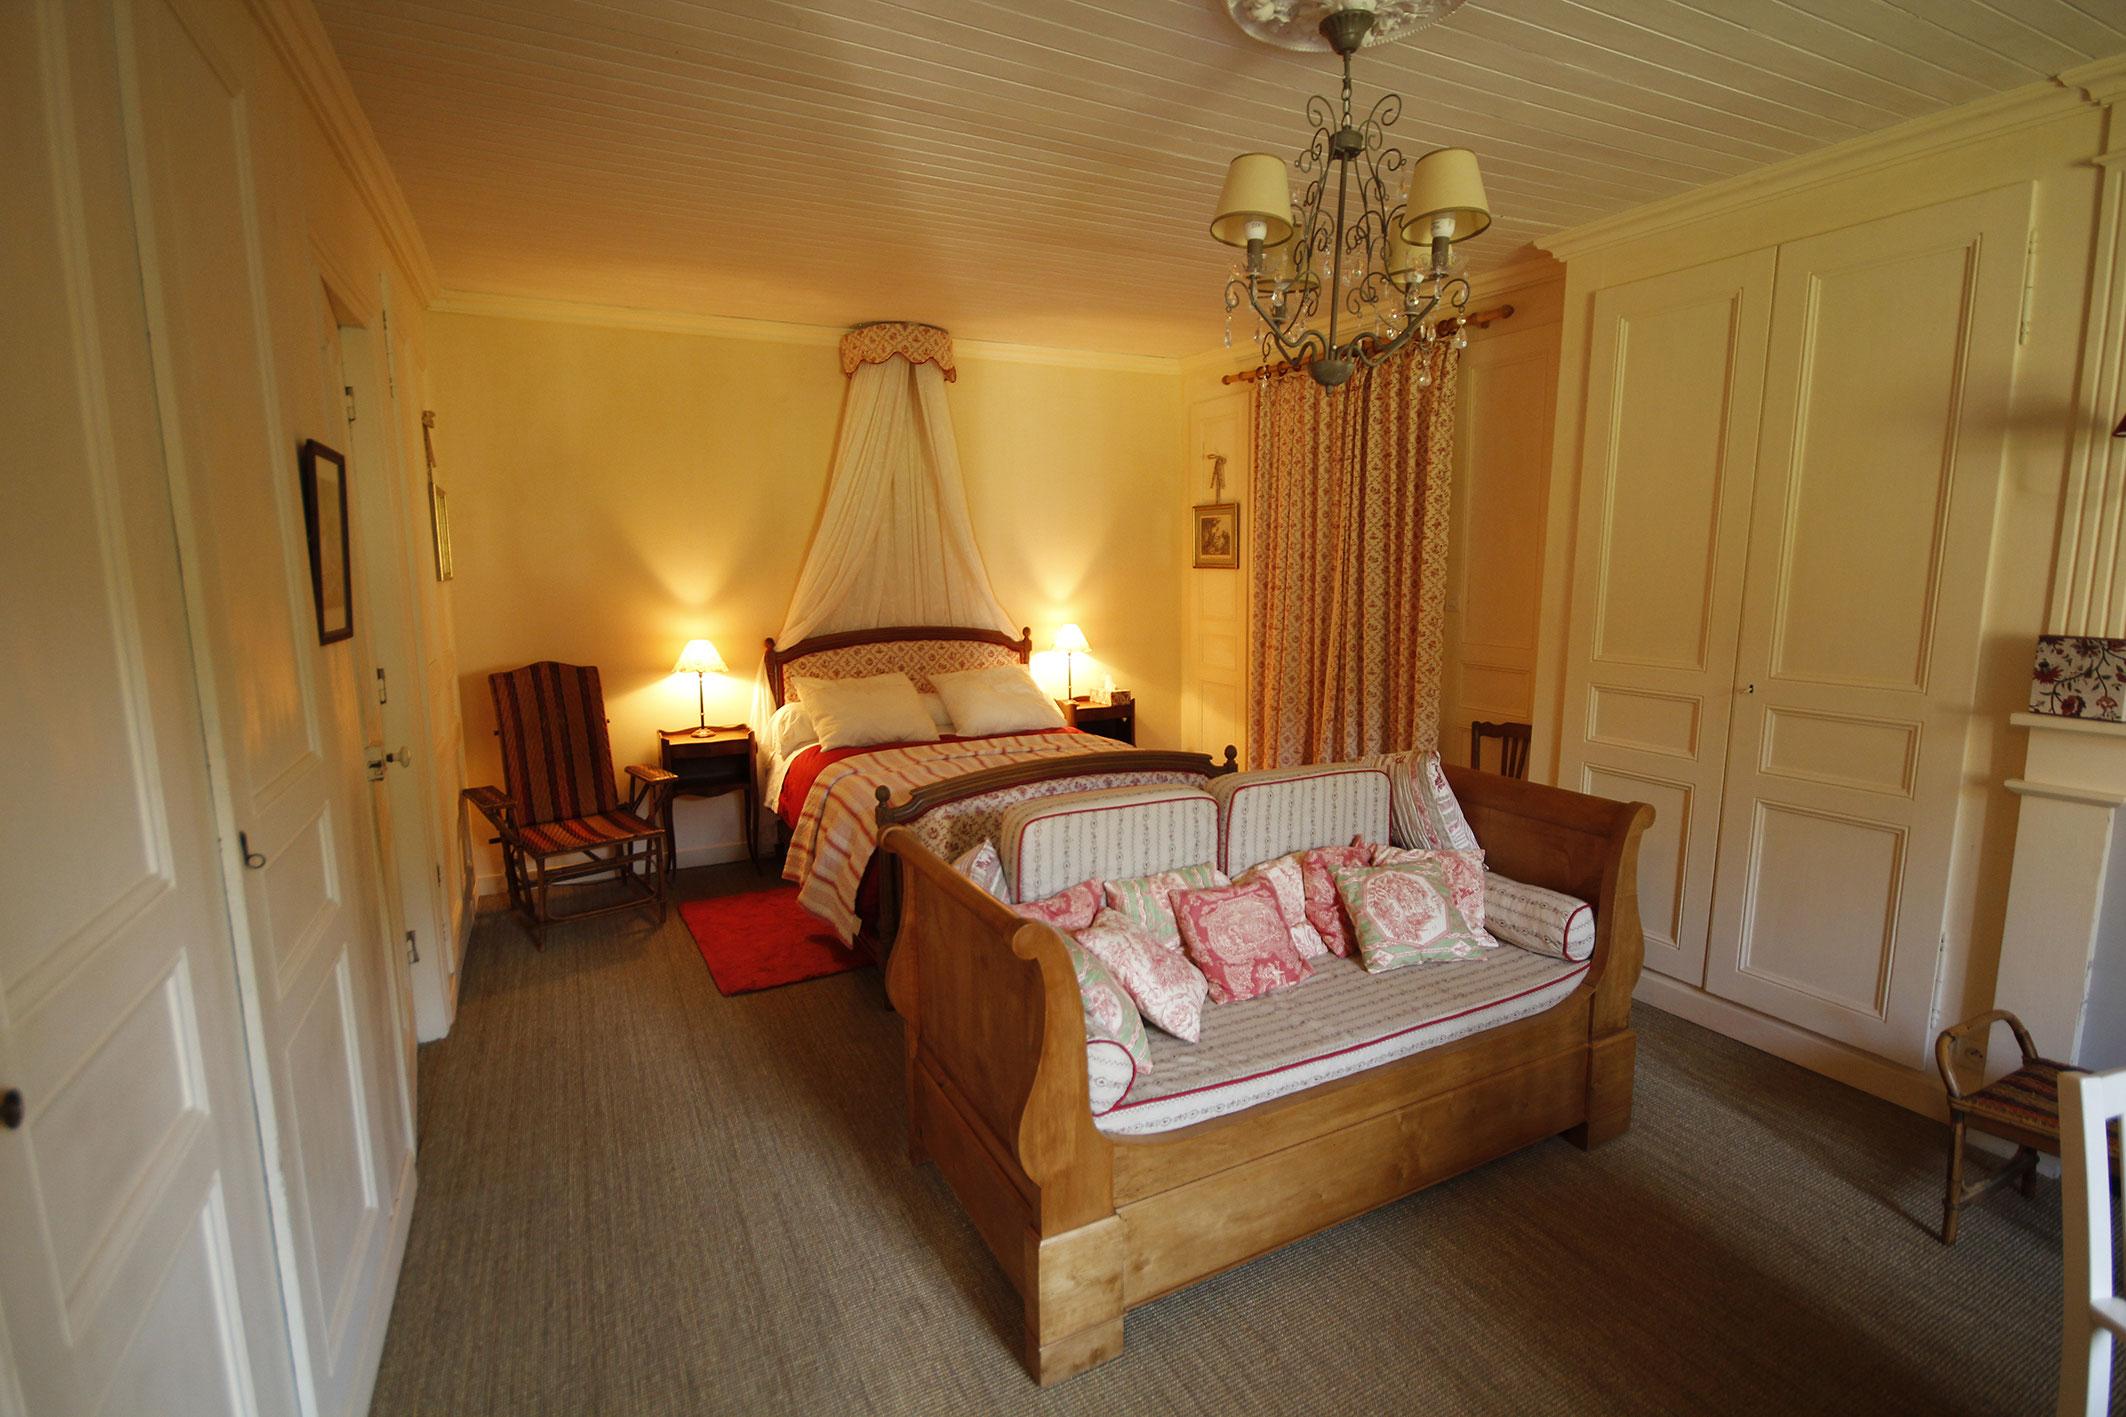 Suites et chambres d 39 h tes dans nature pr serv e entre - Chambres d hotes reims et environs ...